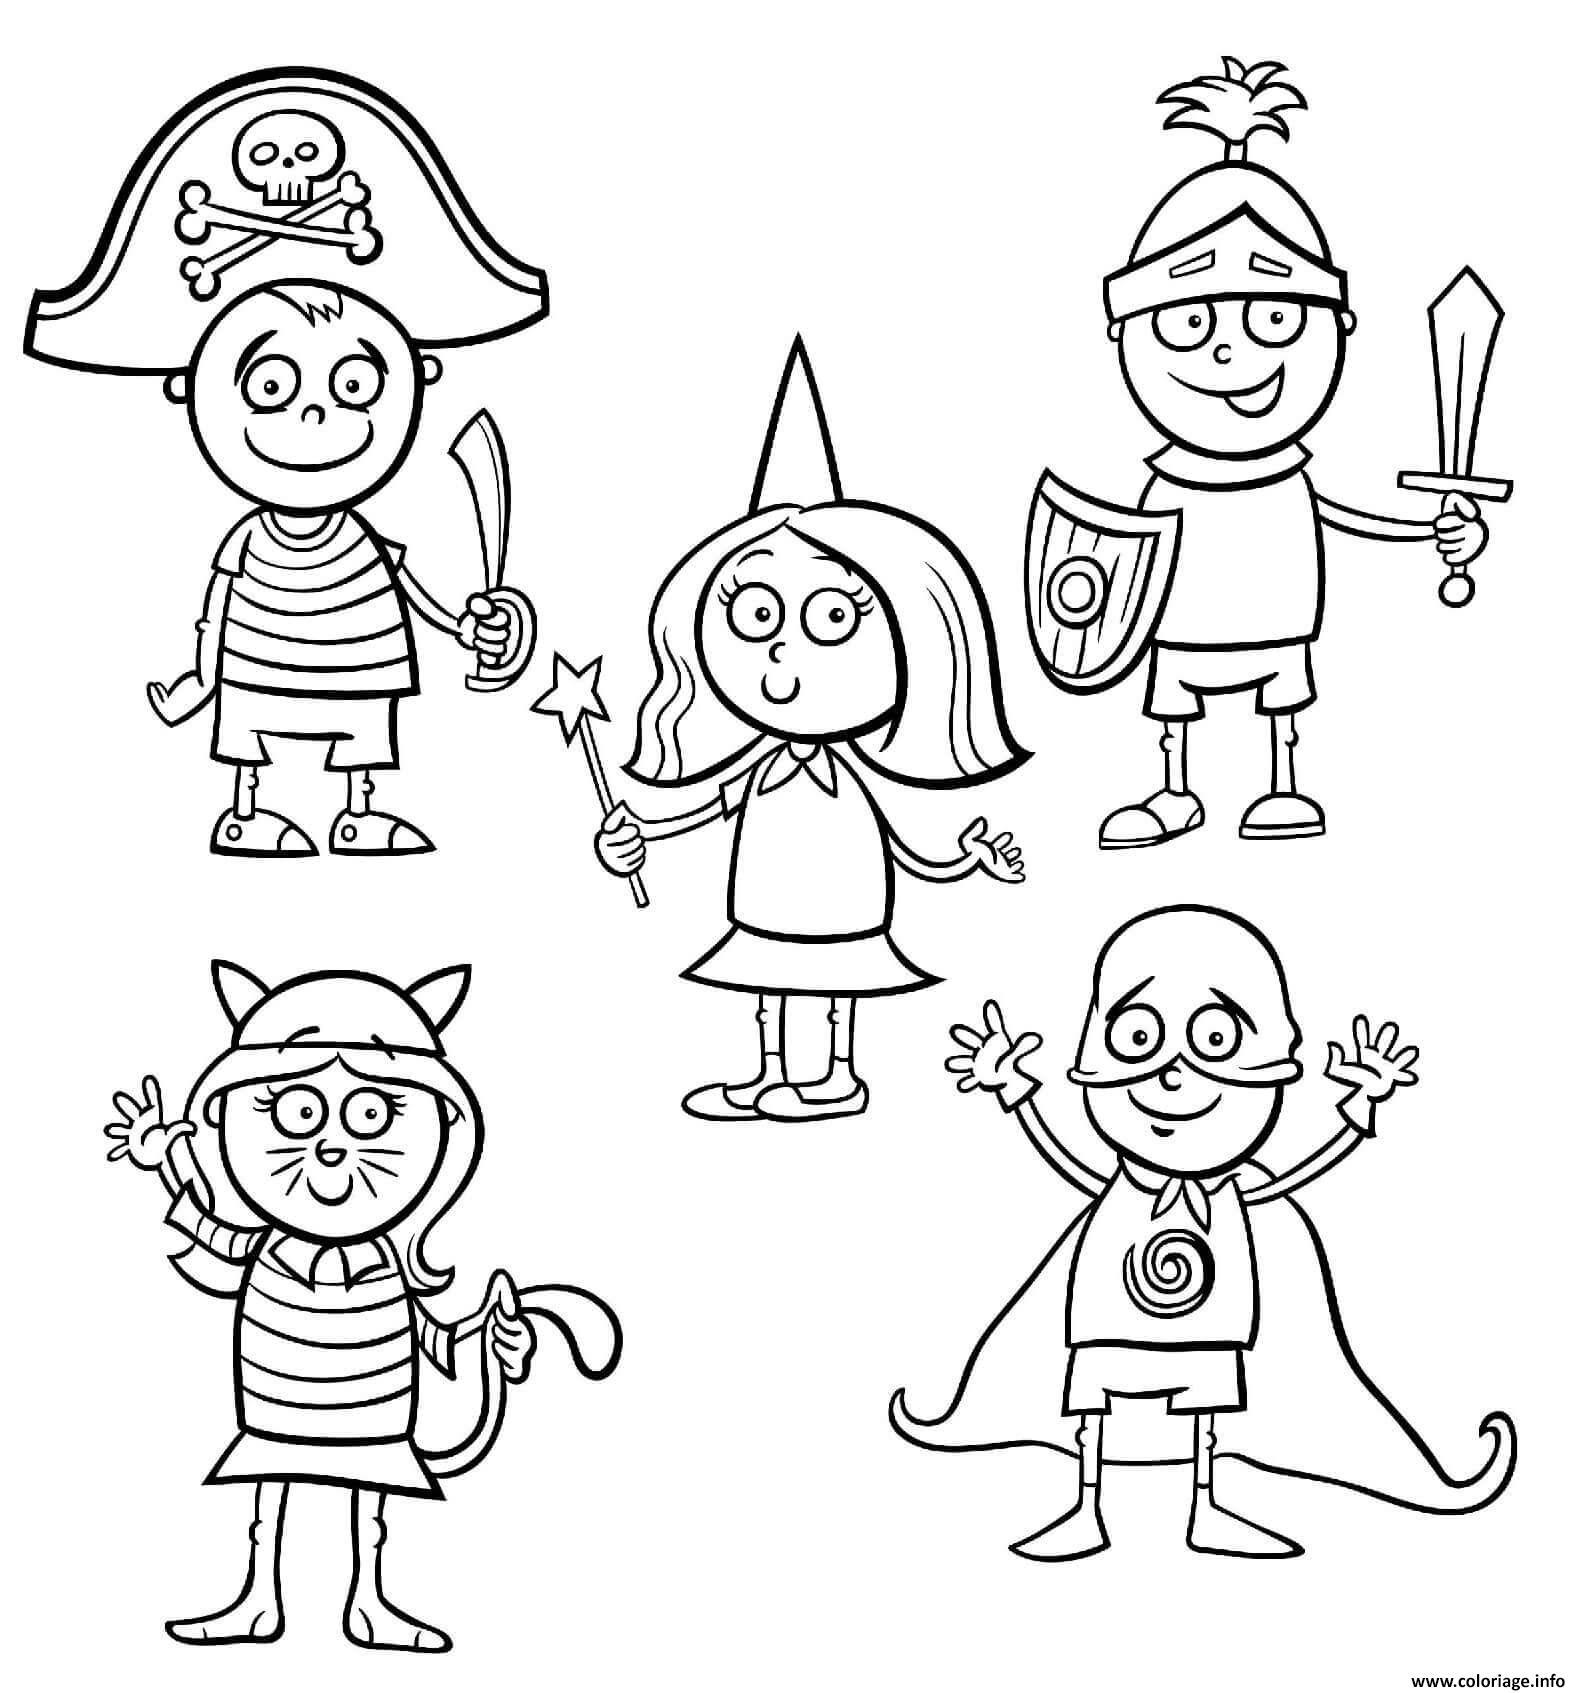 Coloriage Deguisements Et Costumes De Halloween Pour Enfants Jecolorie Com